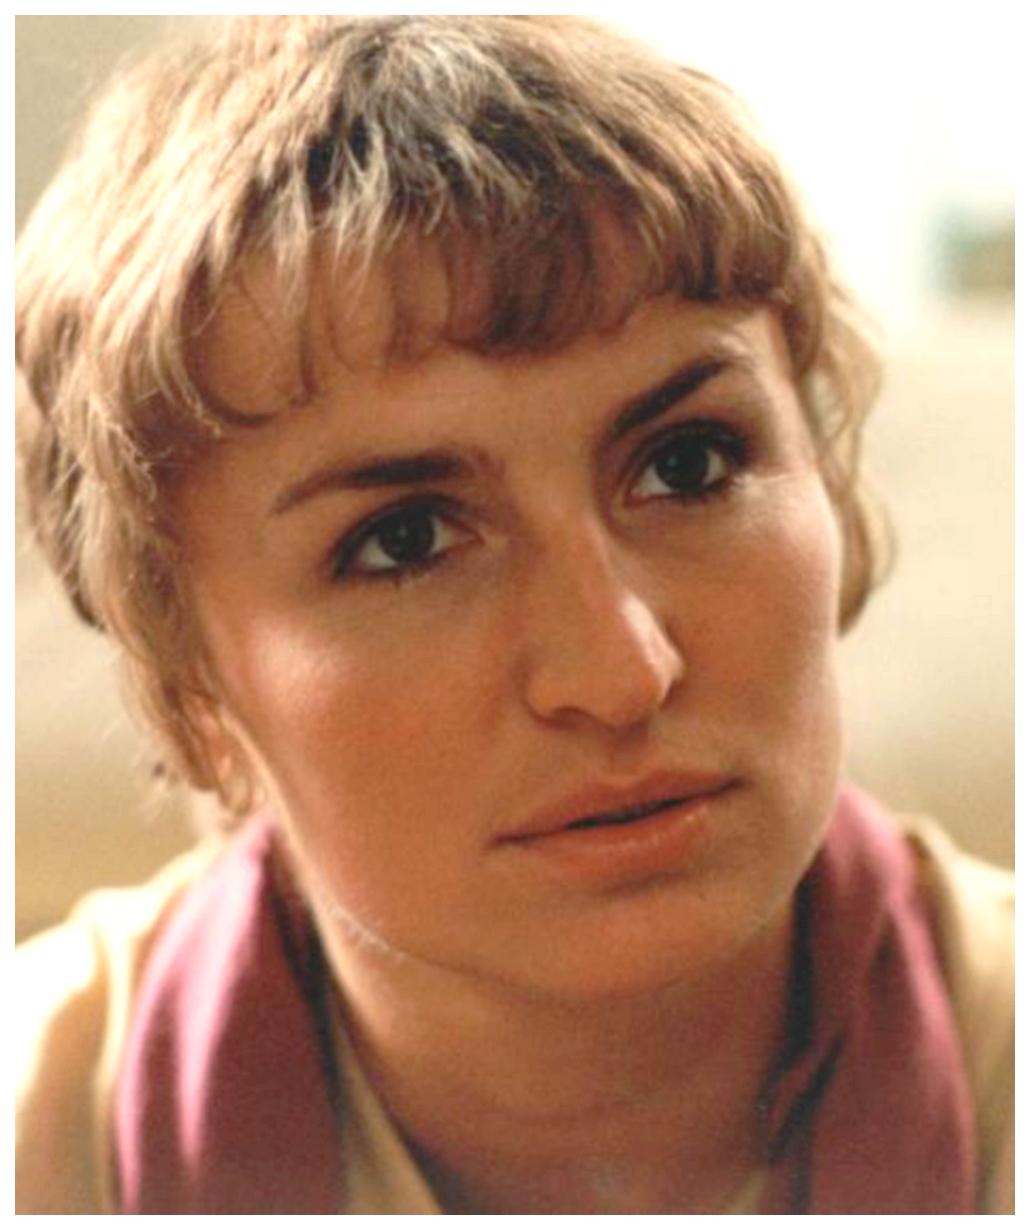 Karen-Lise Mynster in Verden er fuld af børn (1980)